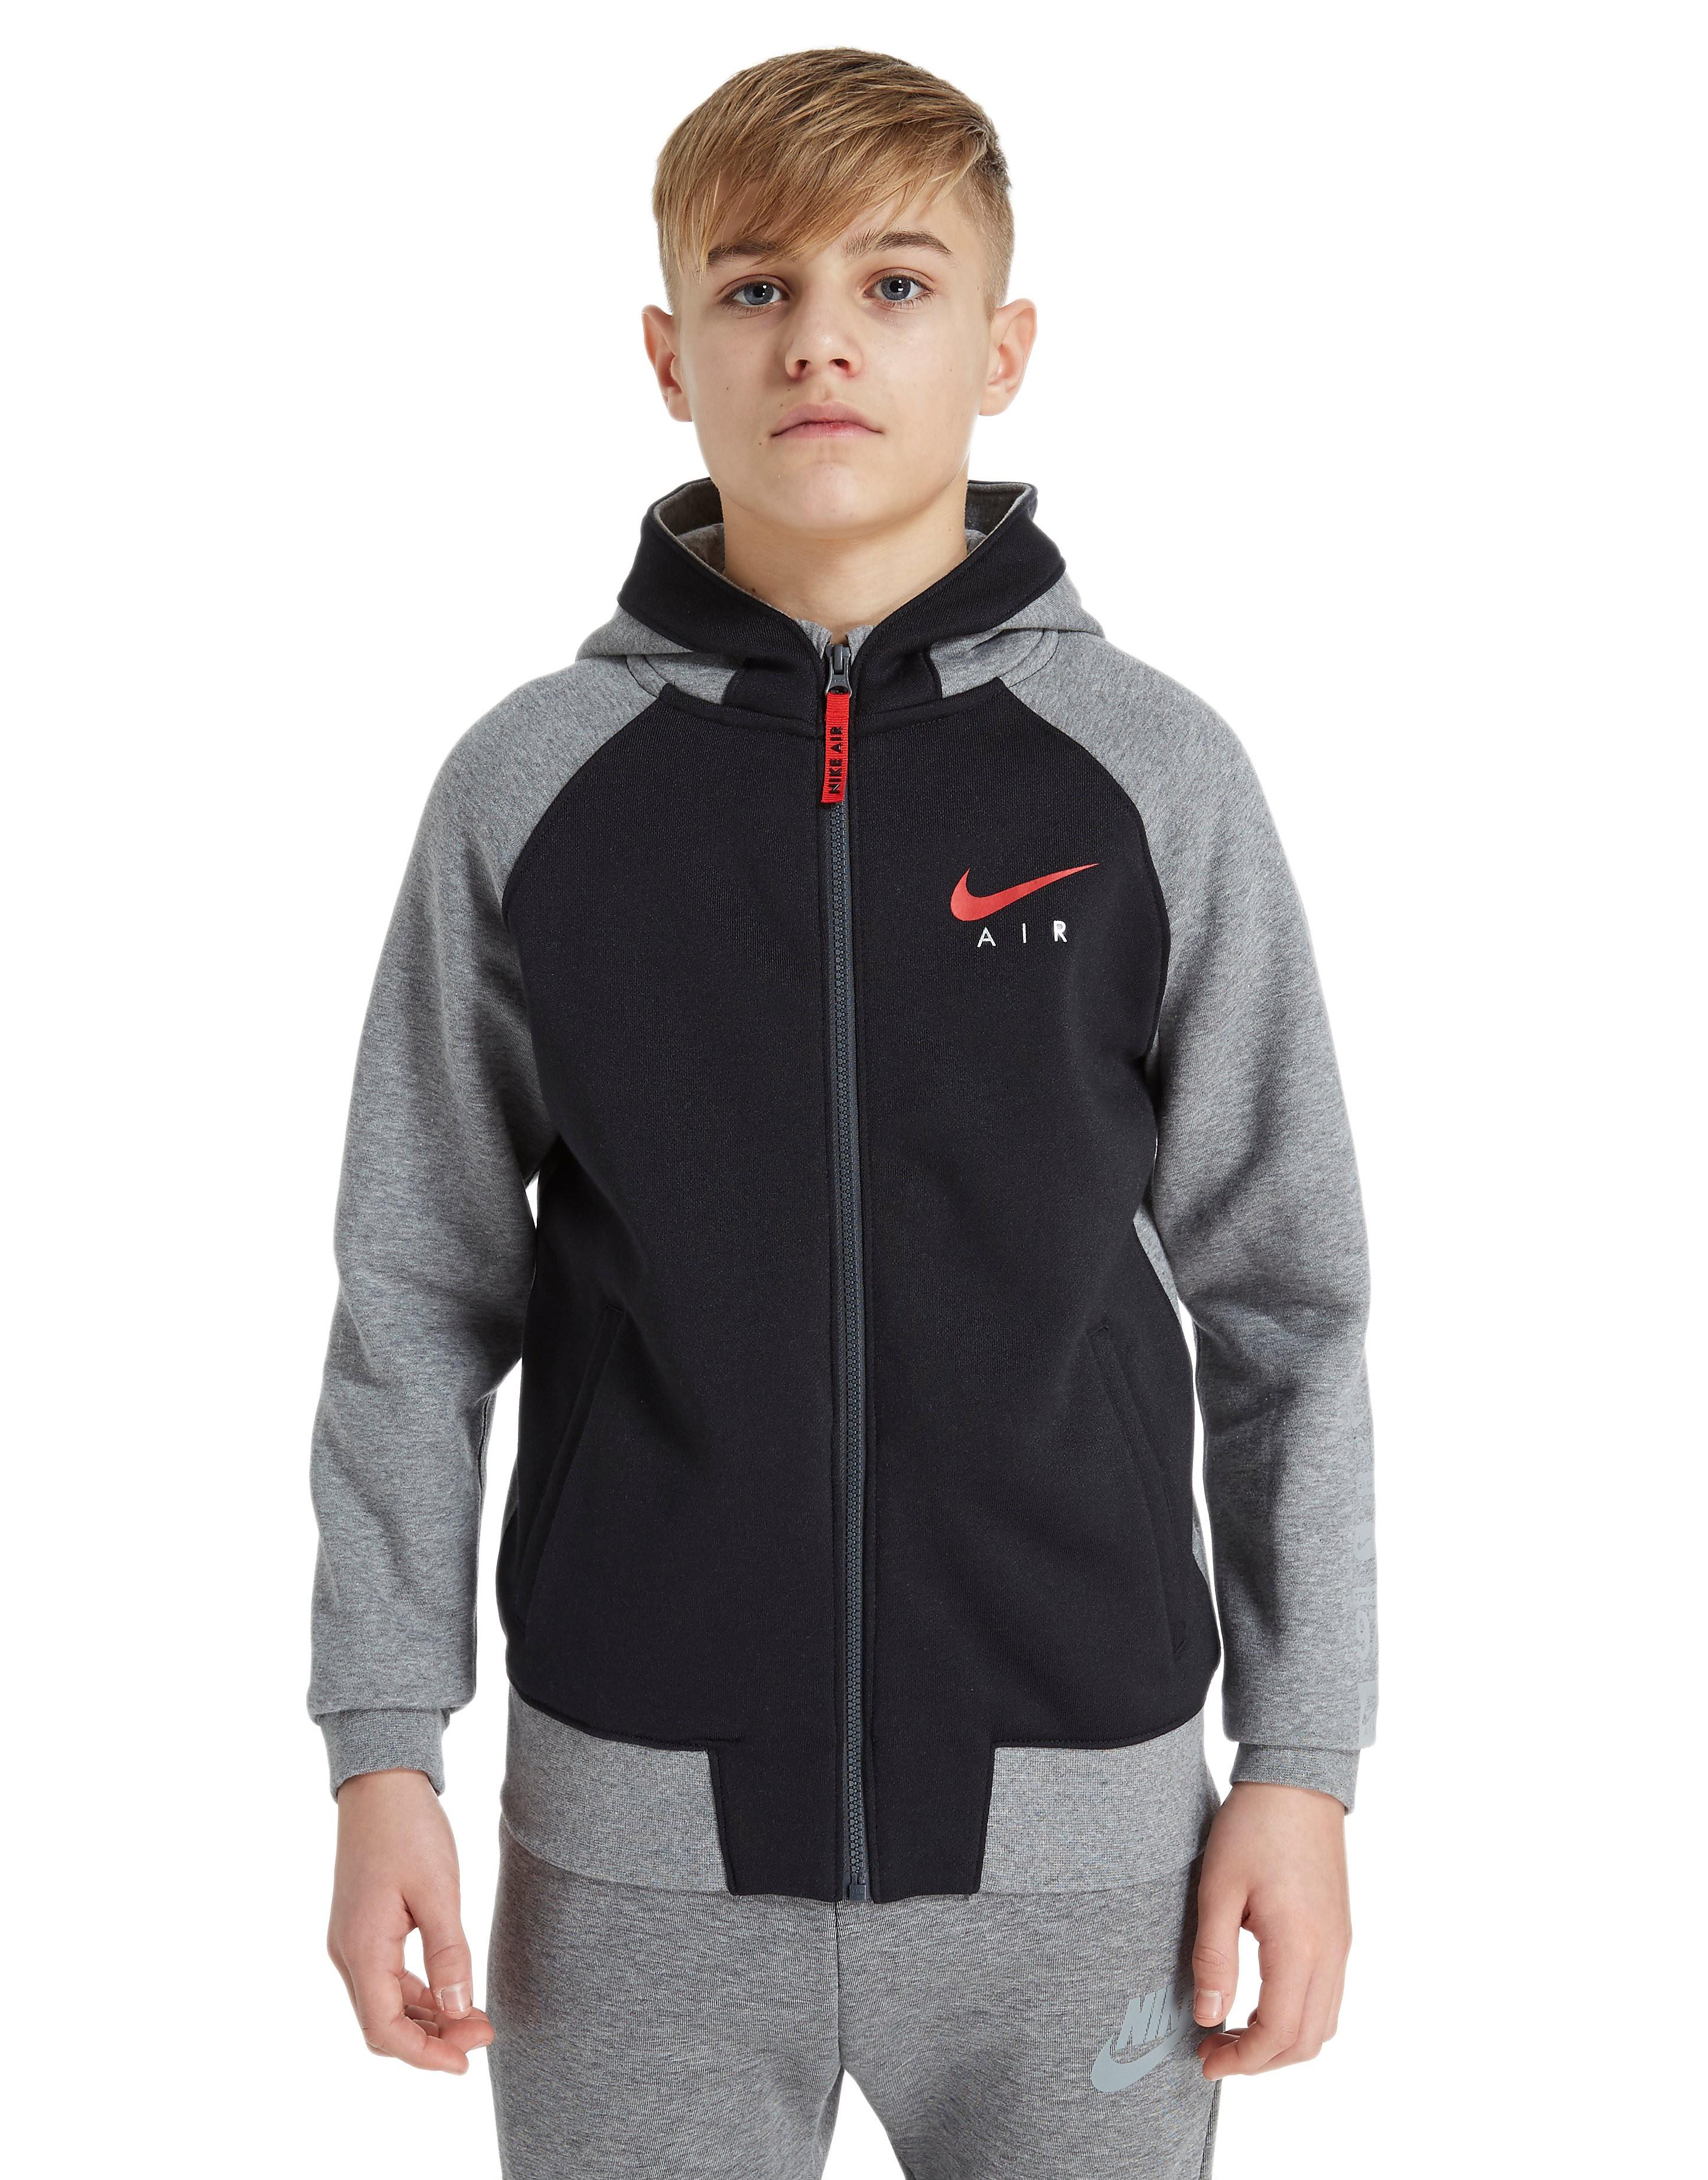 Nike chaqueta con capucha Air júnior